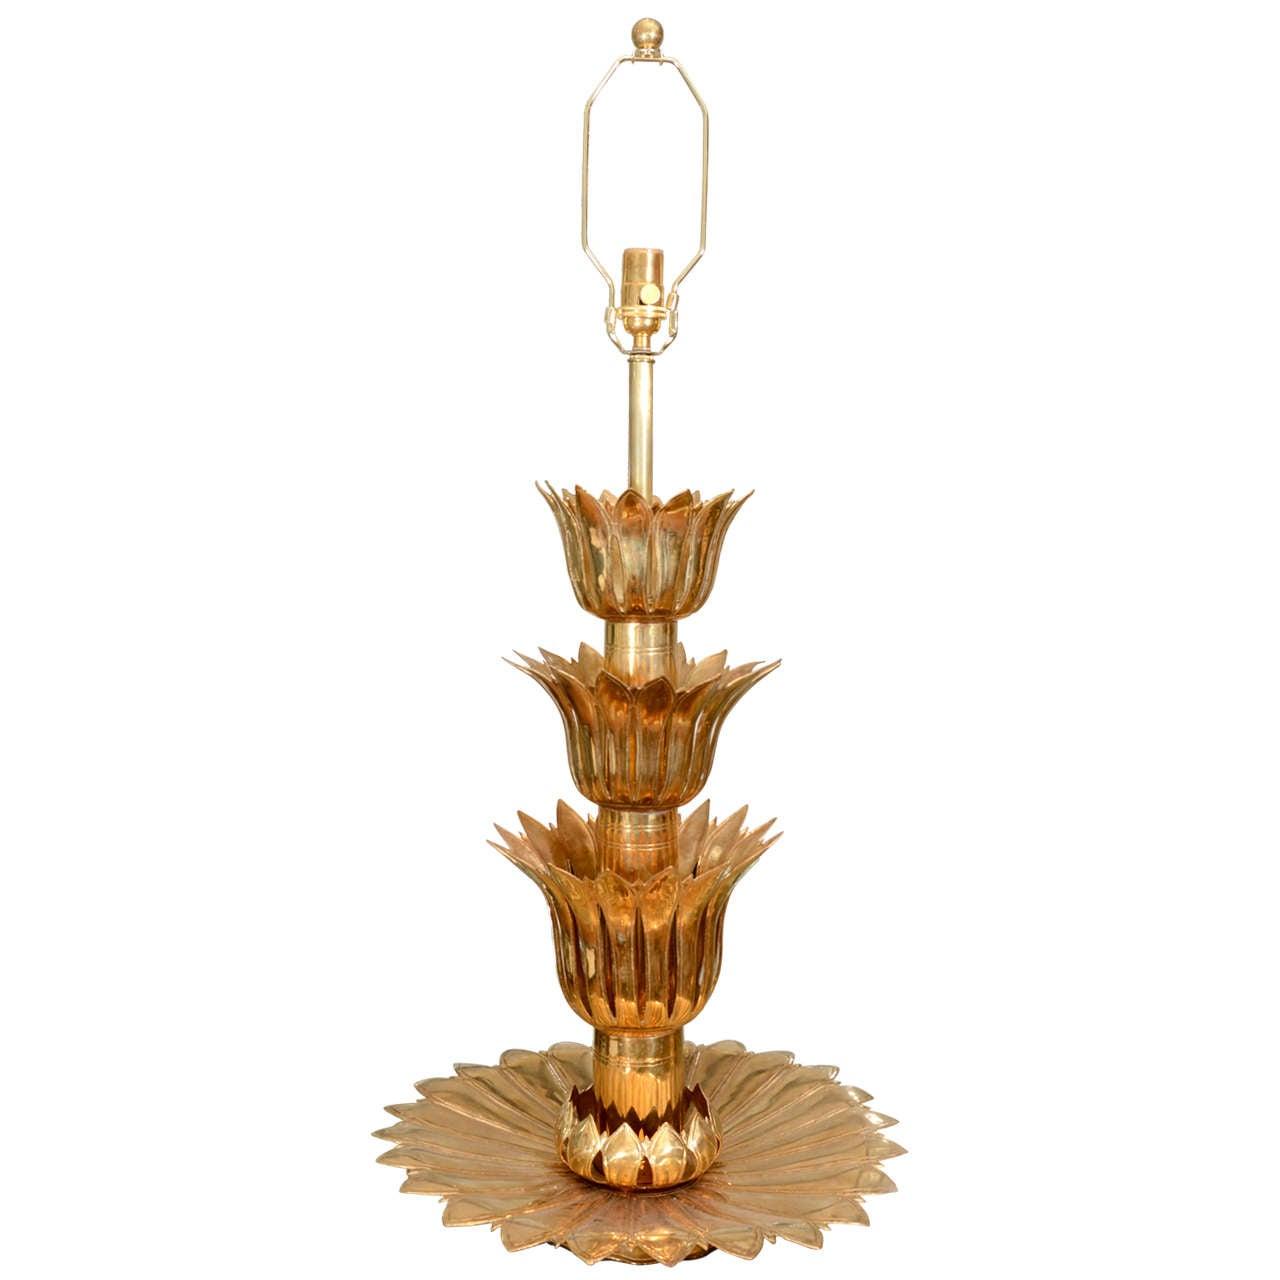 Single Brass Palmette Table Lamp by Feldman For Sale